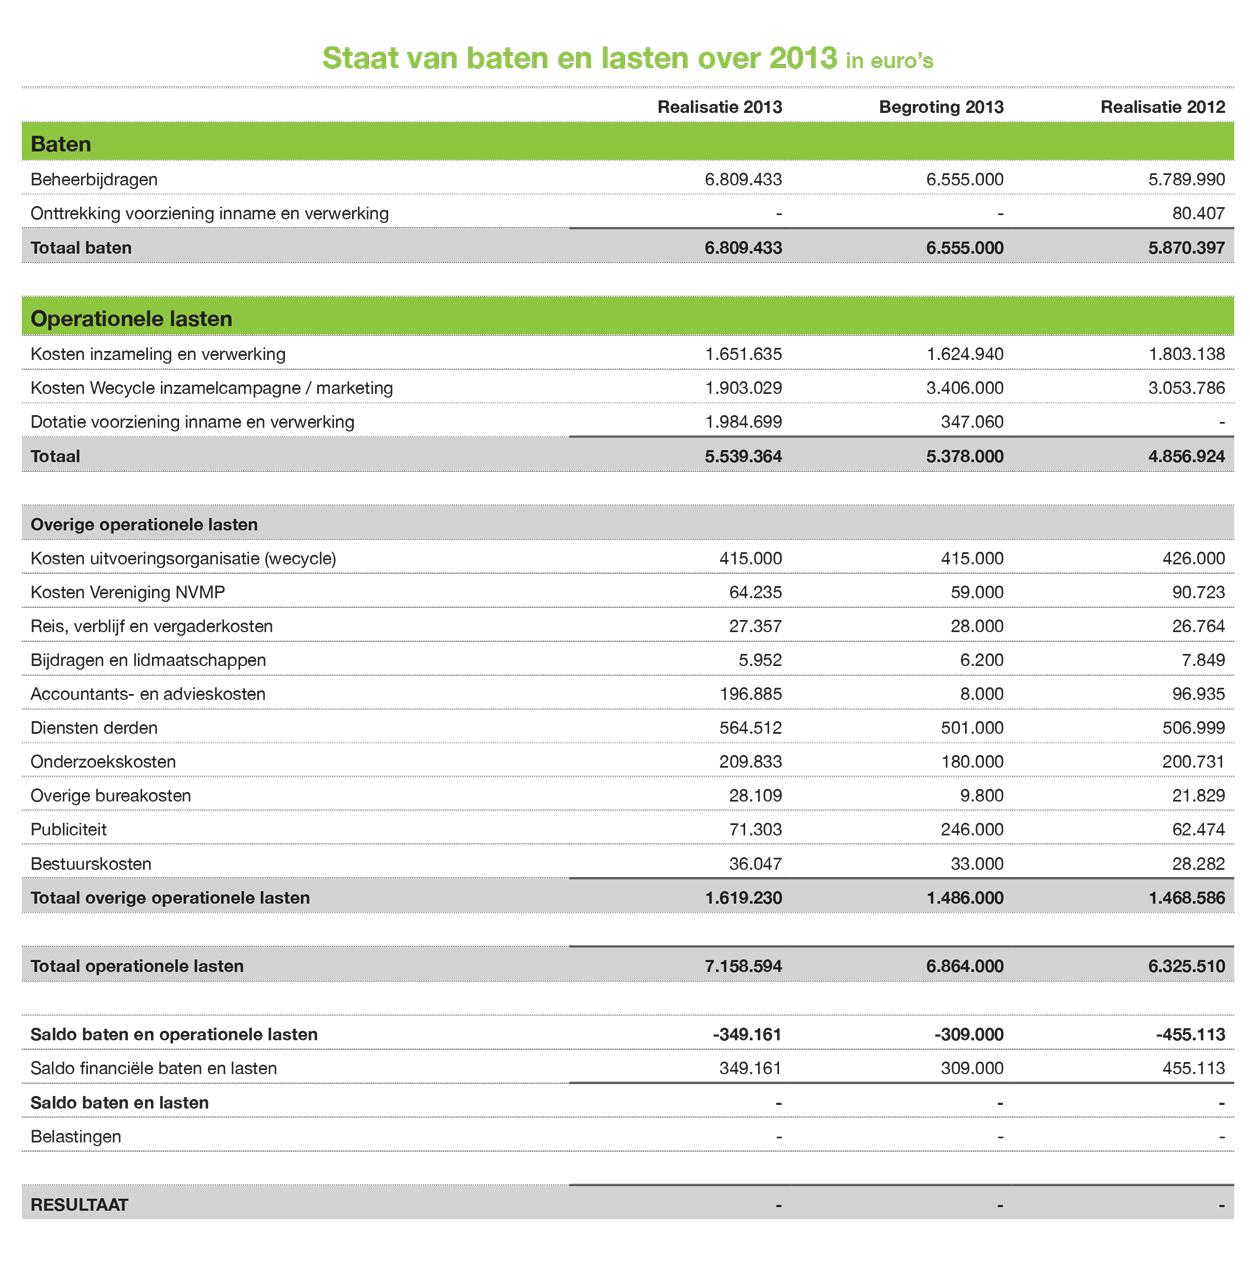 Staat van baten en lasten over 2013